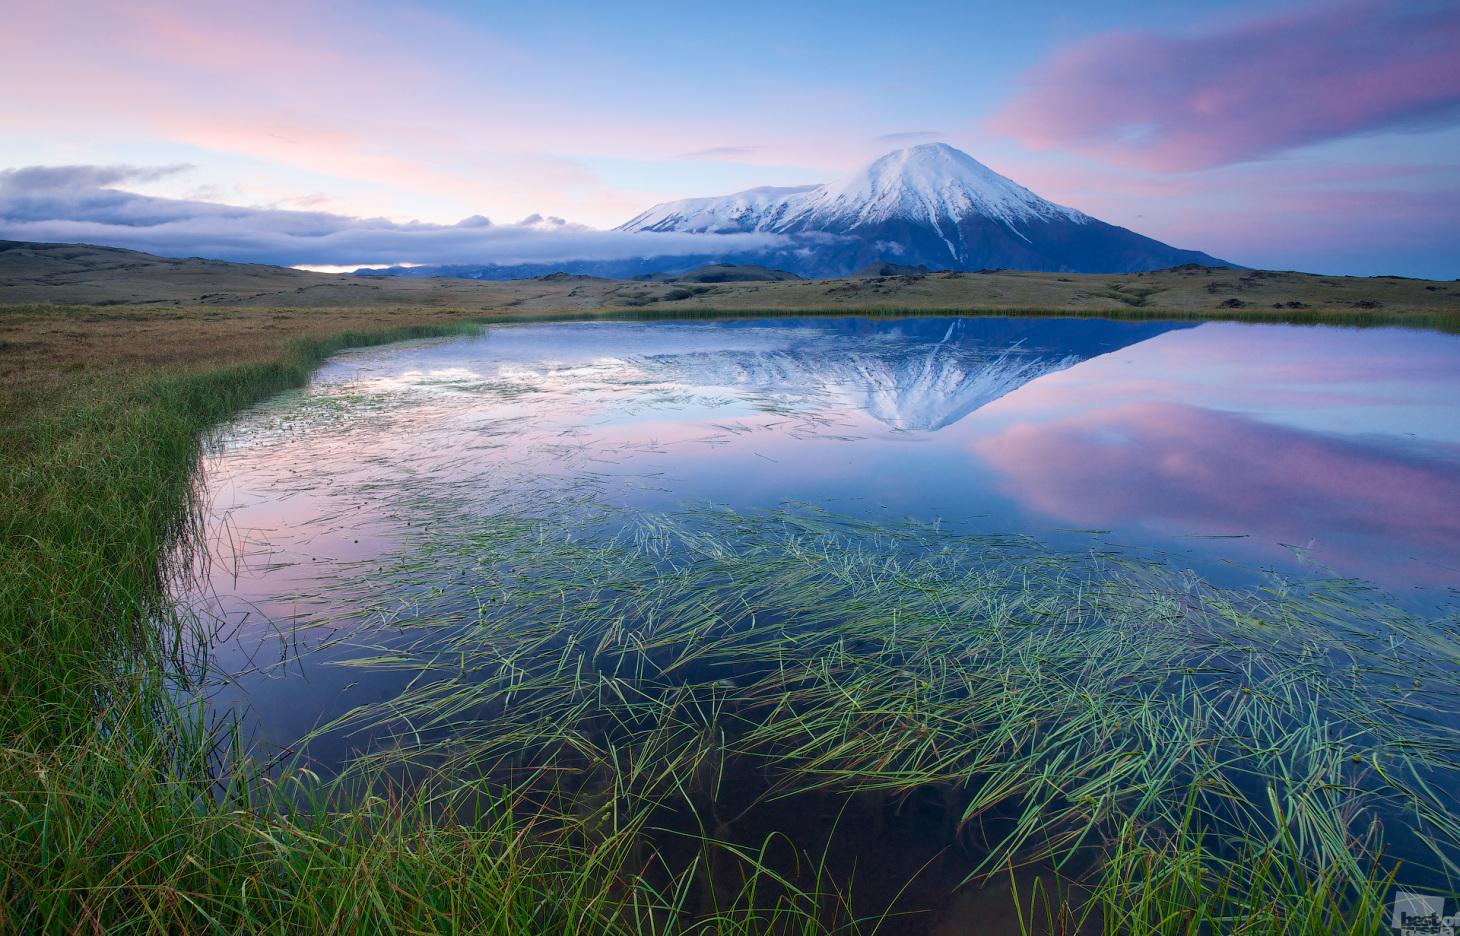 10/15. Sunce izlazi nad aktivnim vulkanom Tolbačik na Kamčatki, poluotoku na ruskom Dalekom Istoku.